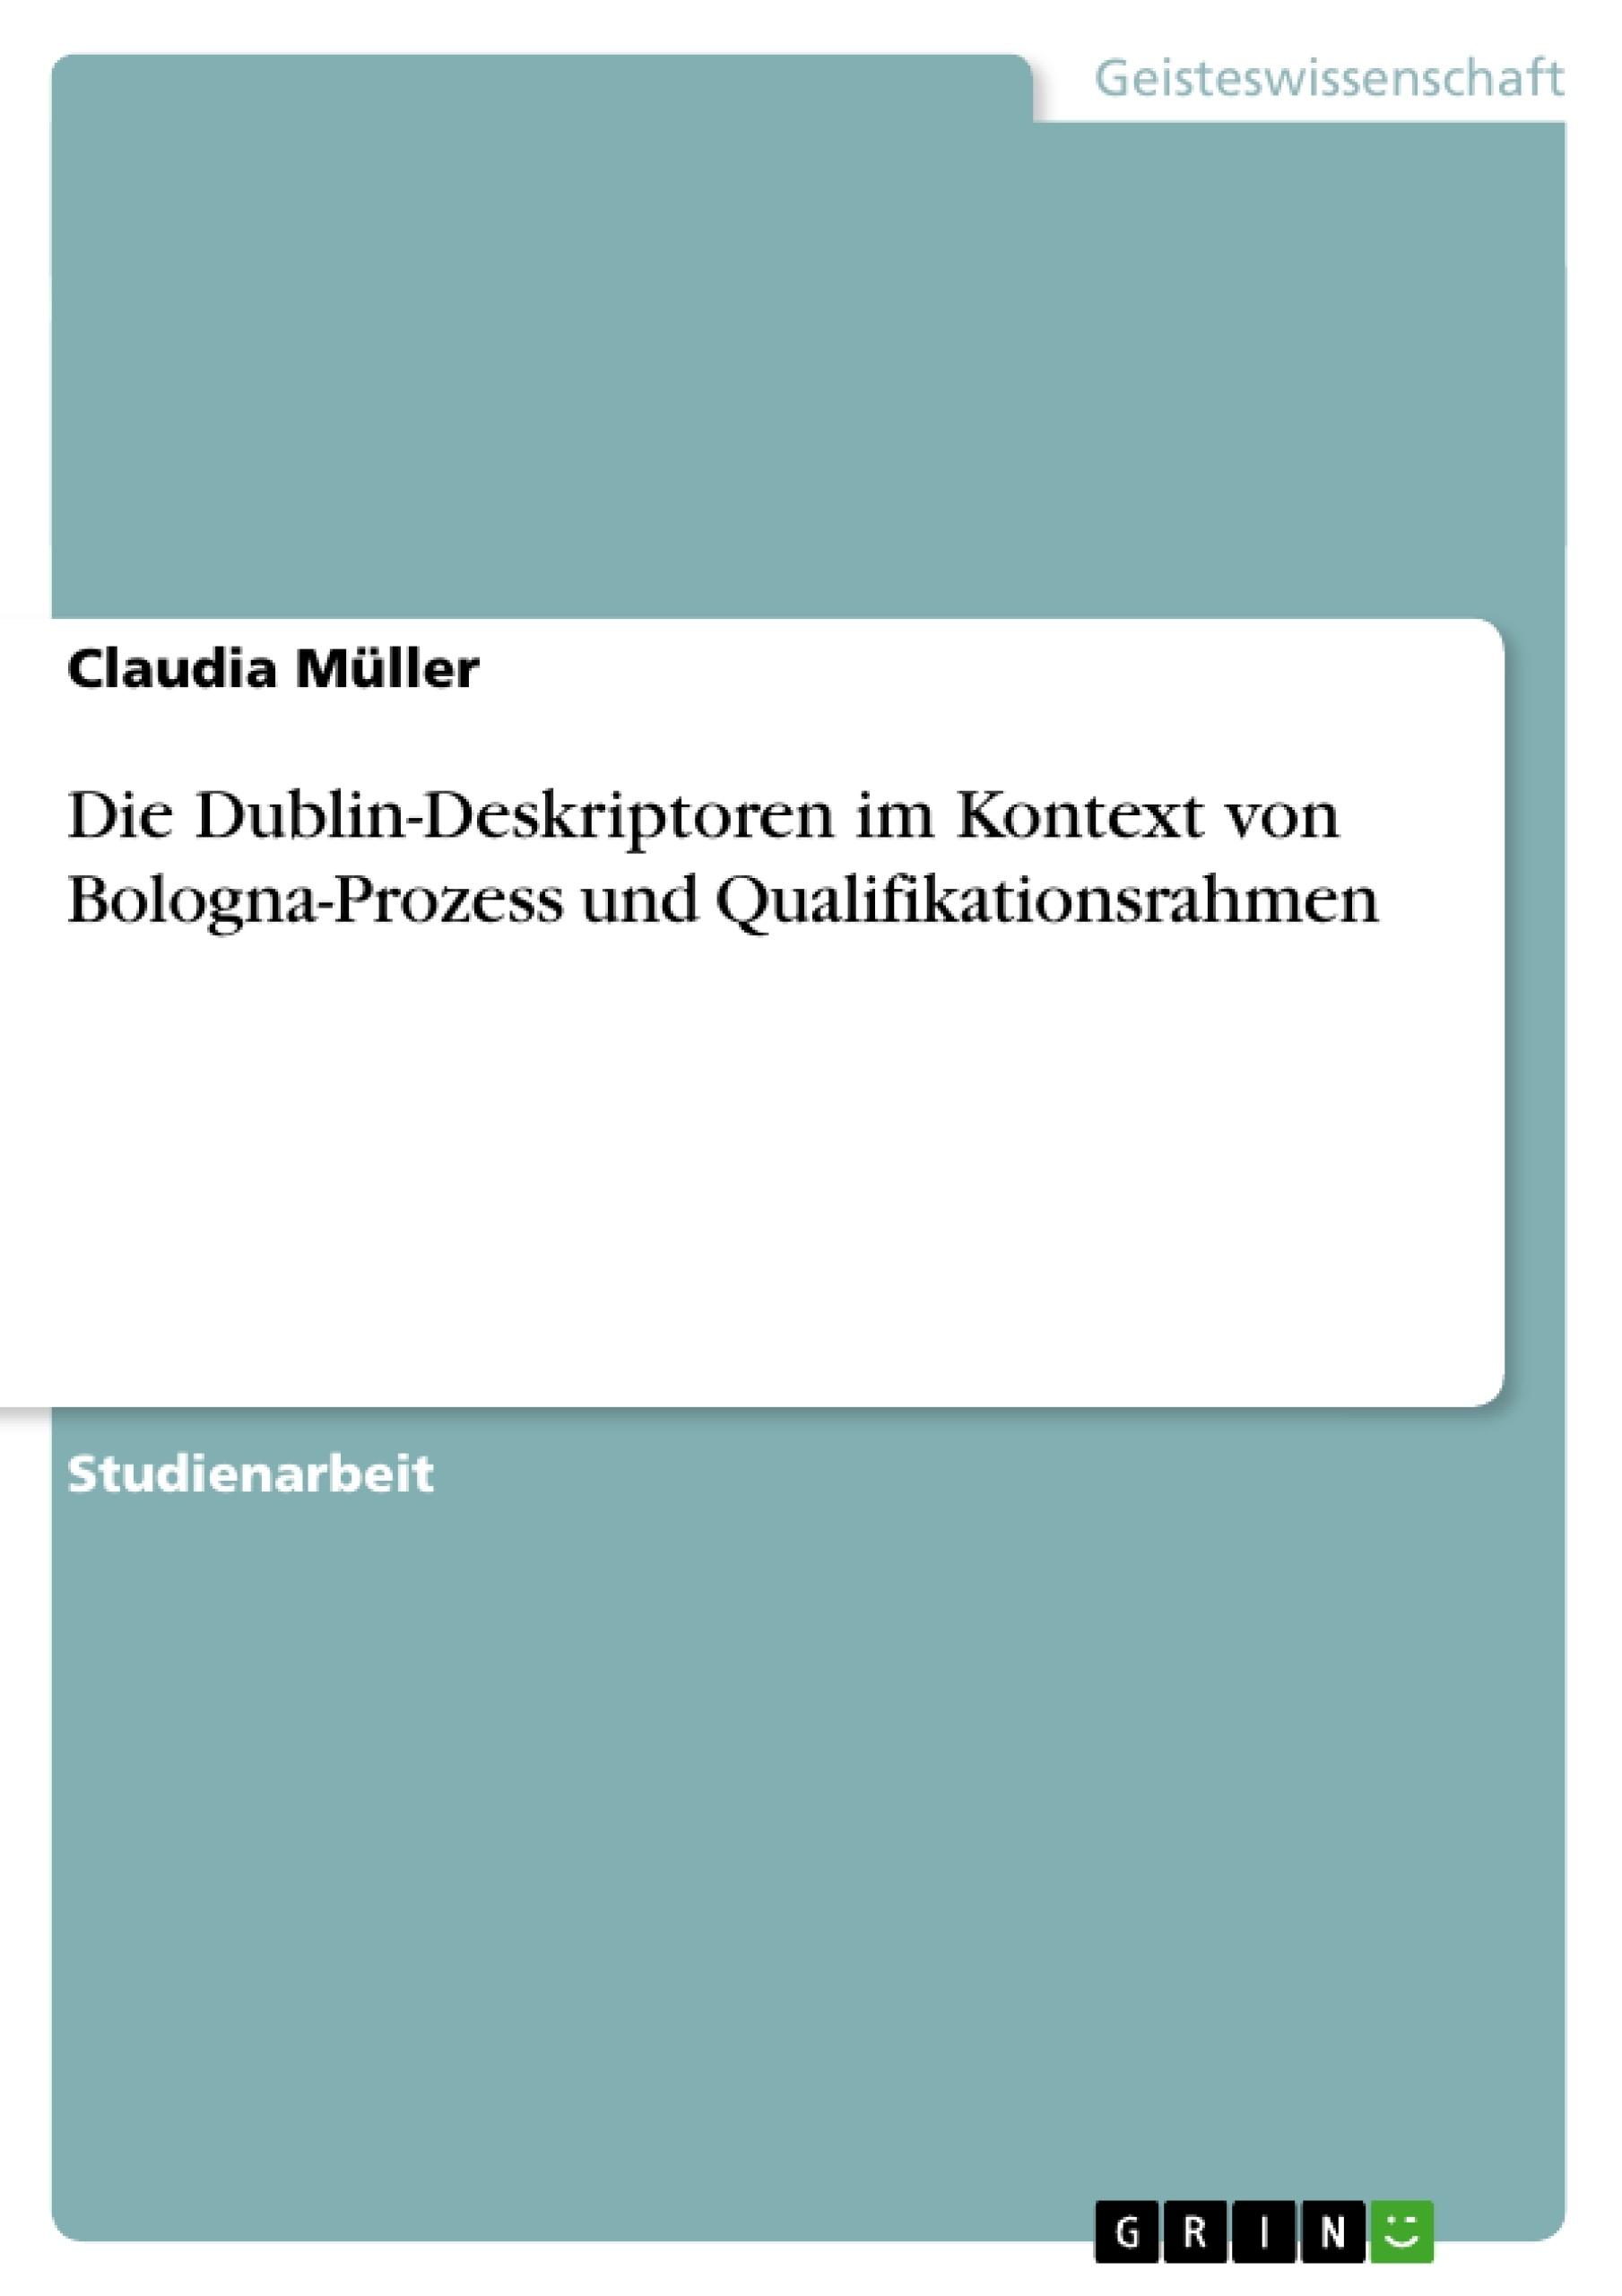 Titel: Die Dublin-Deskriptoren im Kontext von Bologna-Prozess und Qualifikationsrahmen